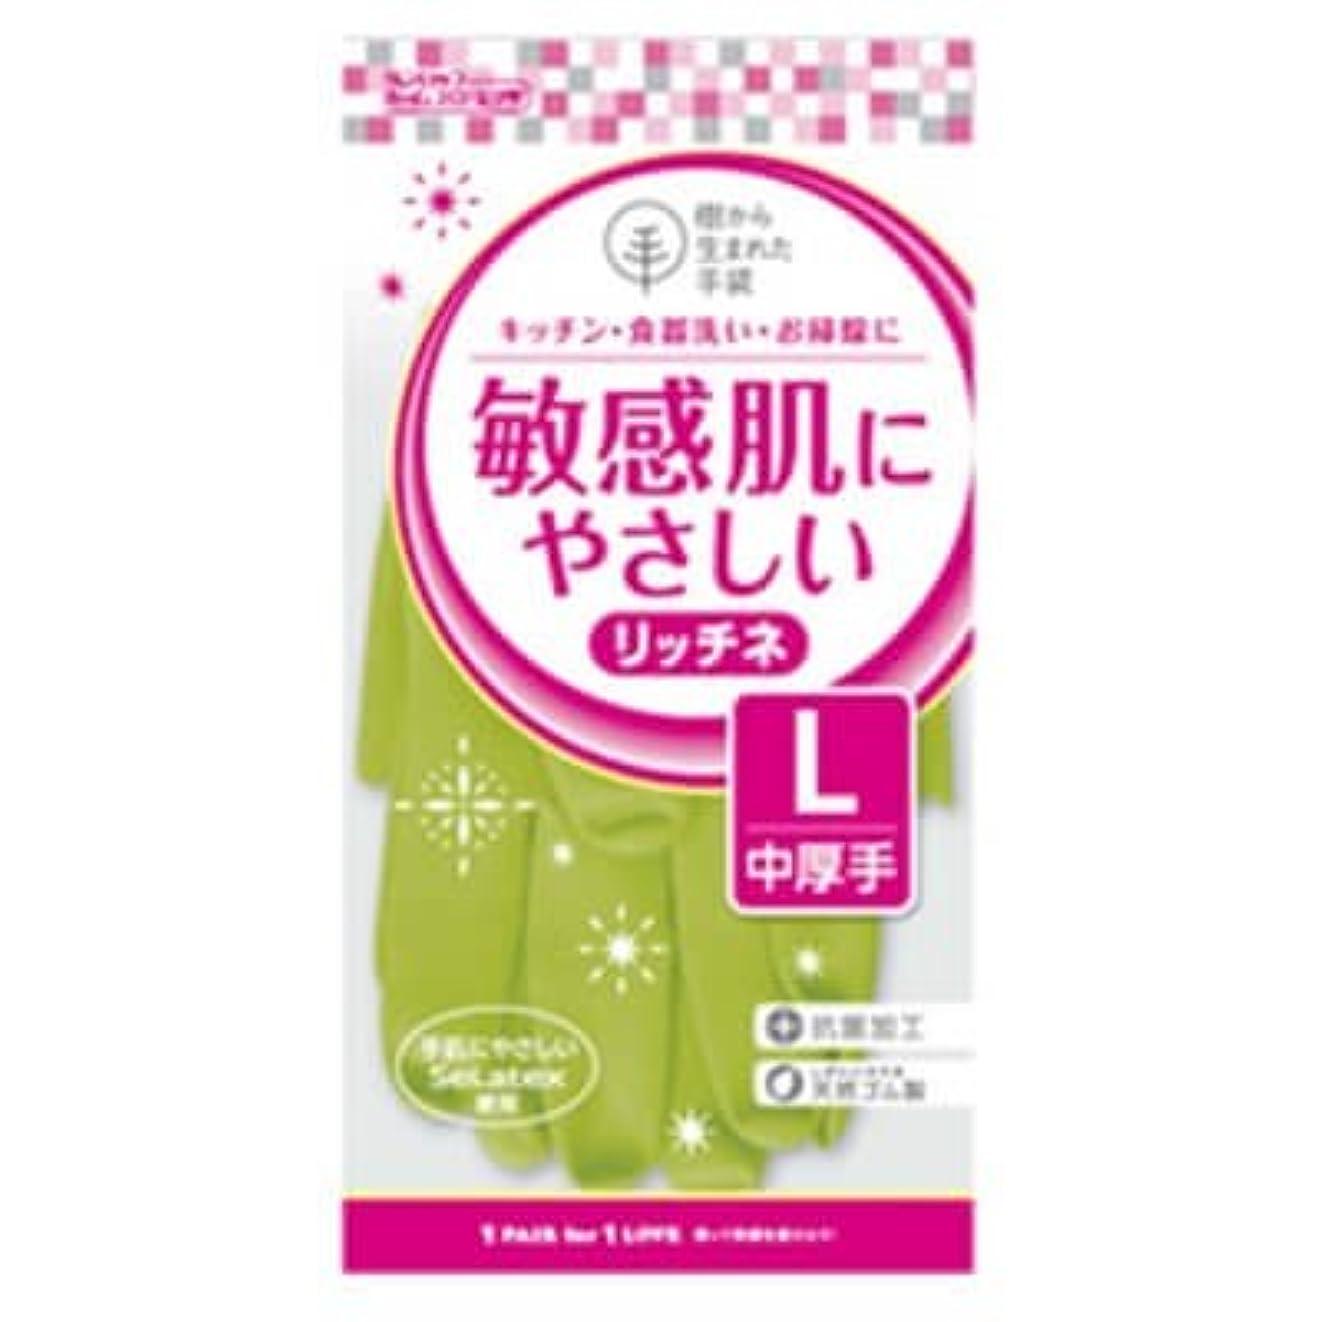 【ケース販売】 ダンロップ 敏感肌にやさしい リッチネ 中厚手 L グリーン (10双×12袋)